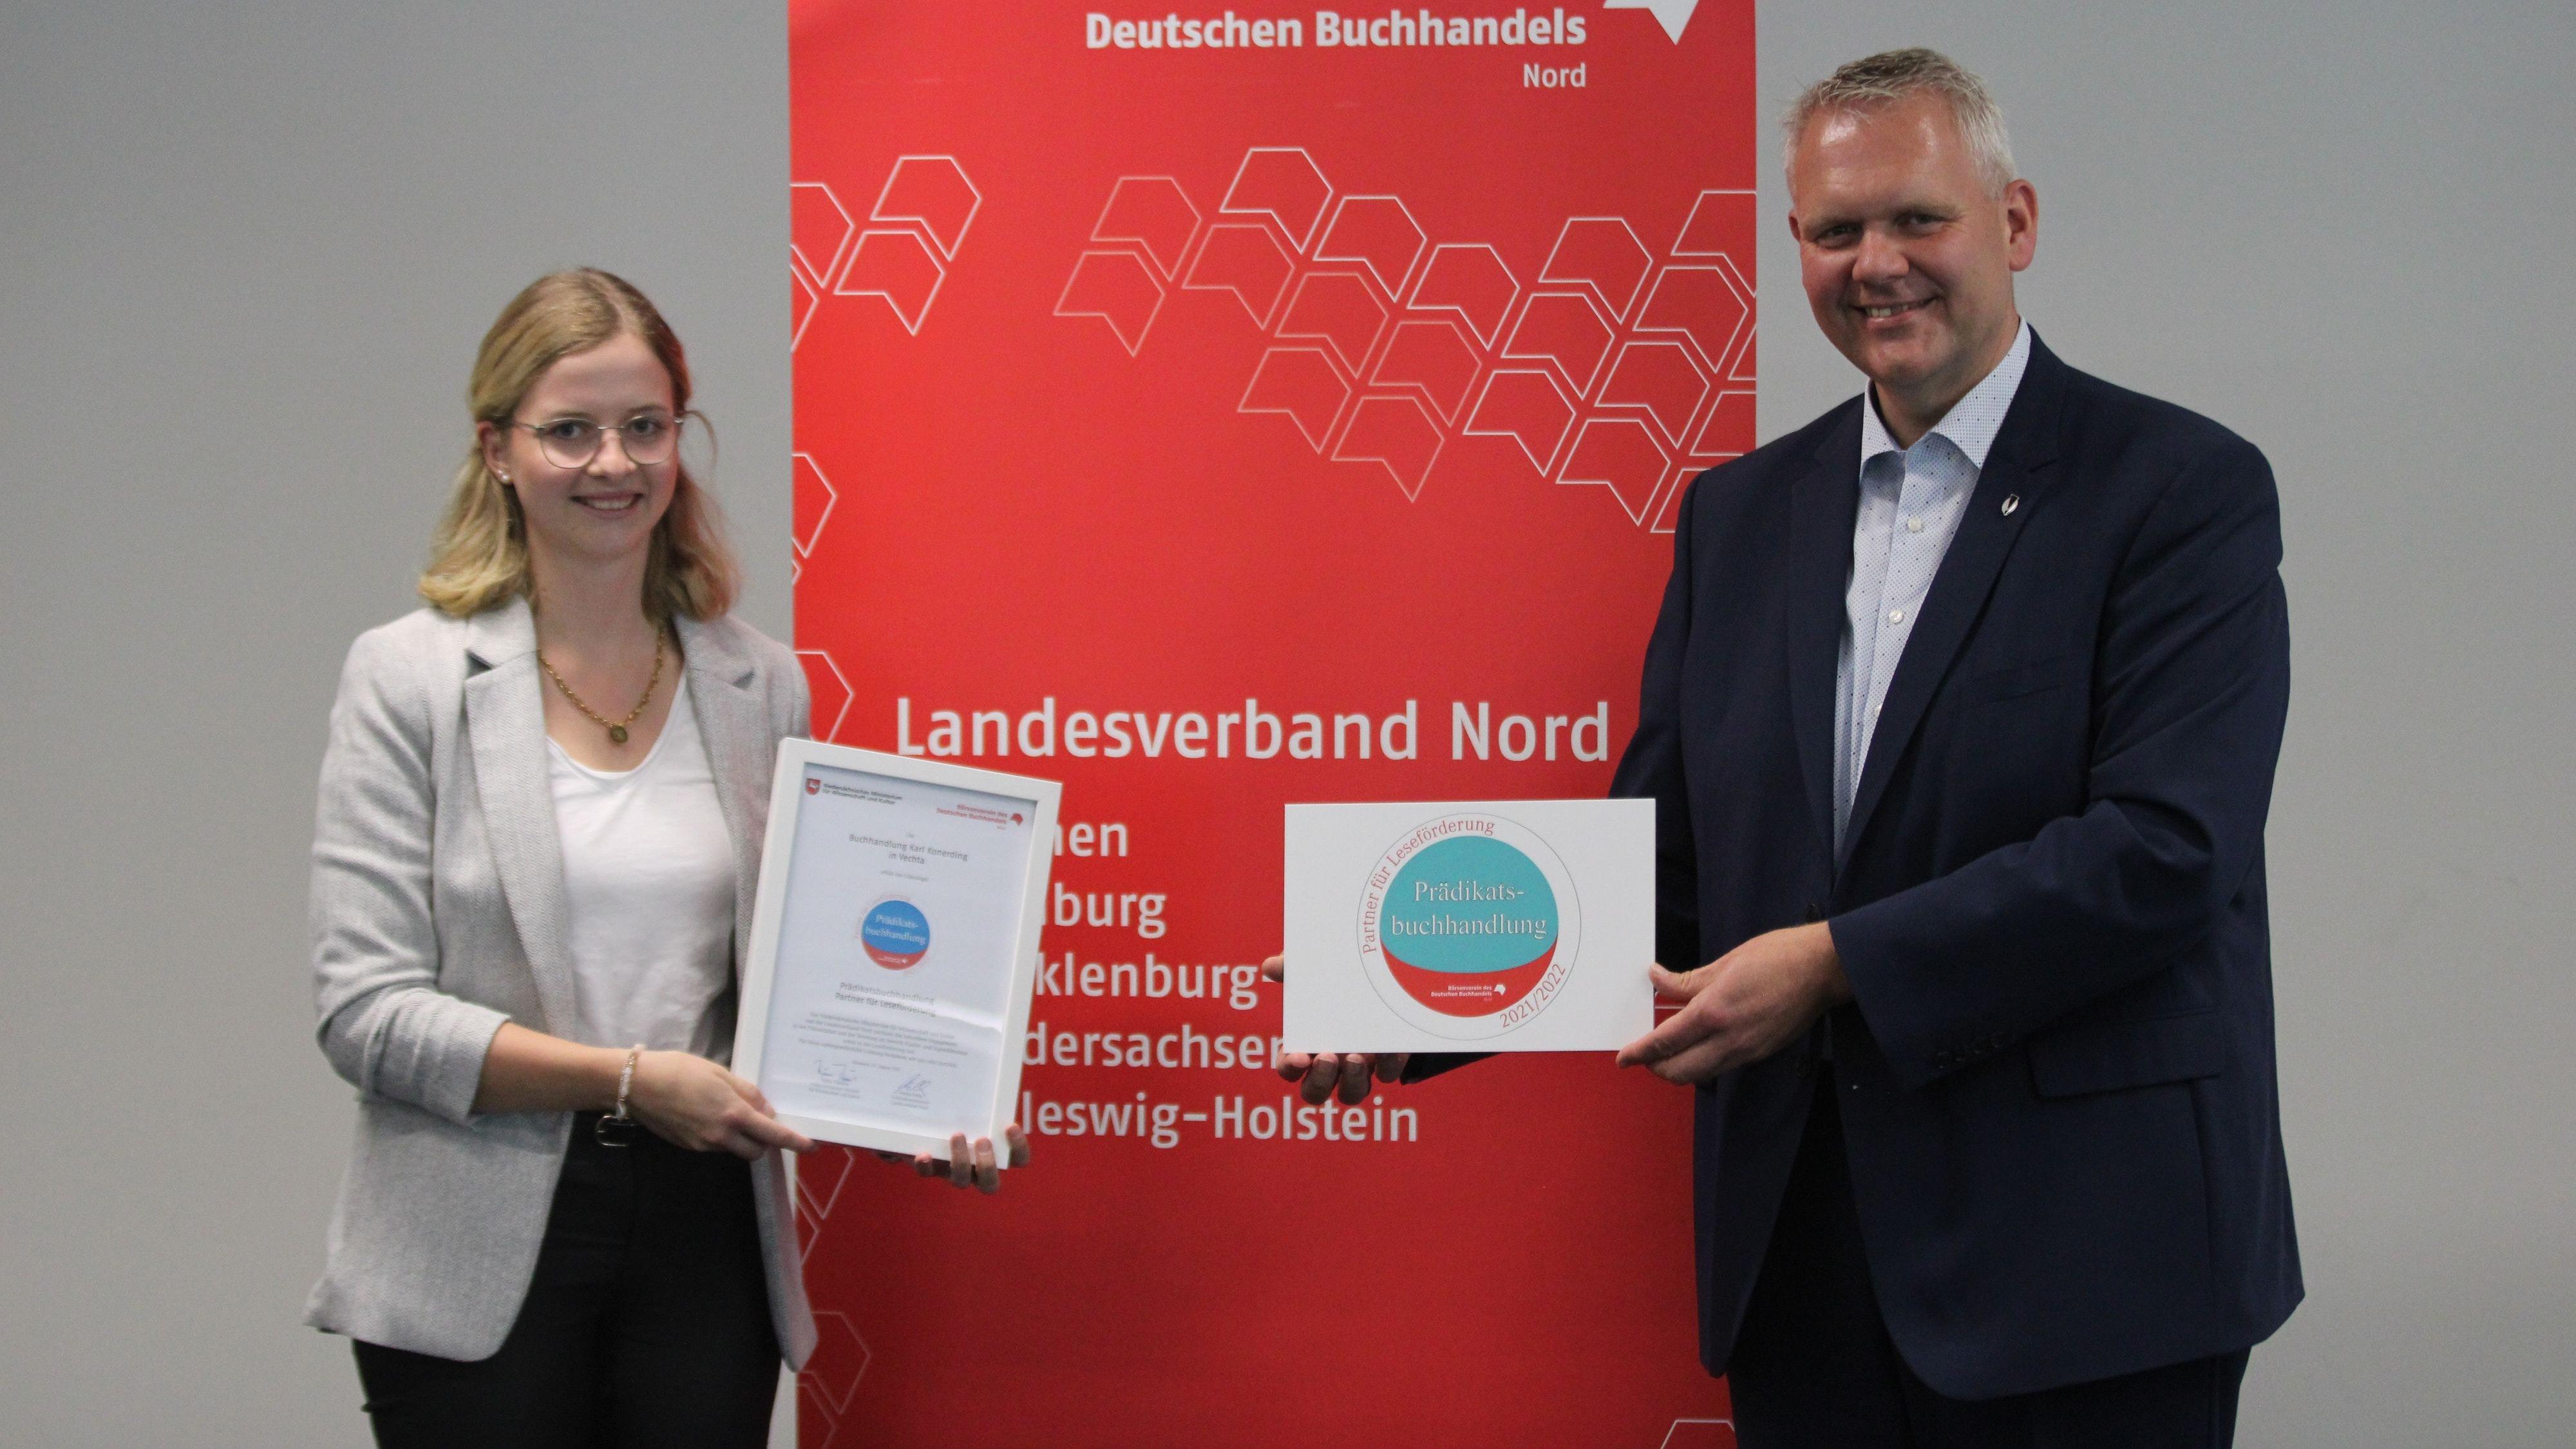 Die Auszeichnung wird alle 2 Jahre verliehen: die Buchhändlerin Laura Triphaus und Niedersachsens Kulturminister Björn Thümler. Foto:Niedersächsische Ministerium für Wissenschaft und Kultur